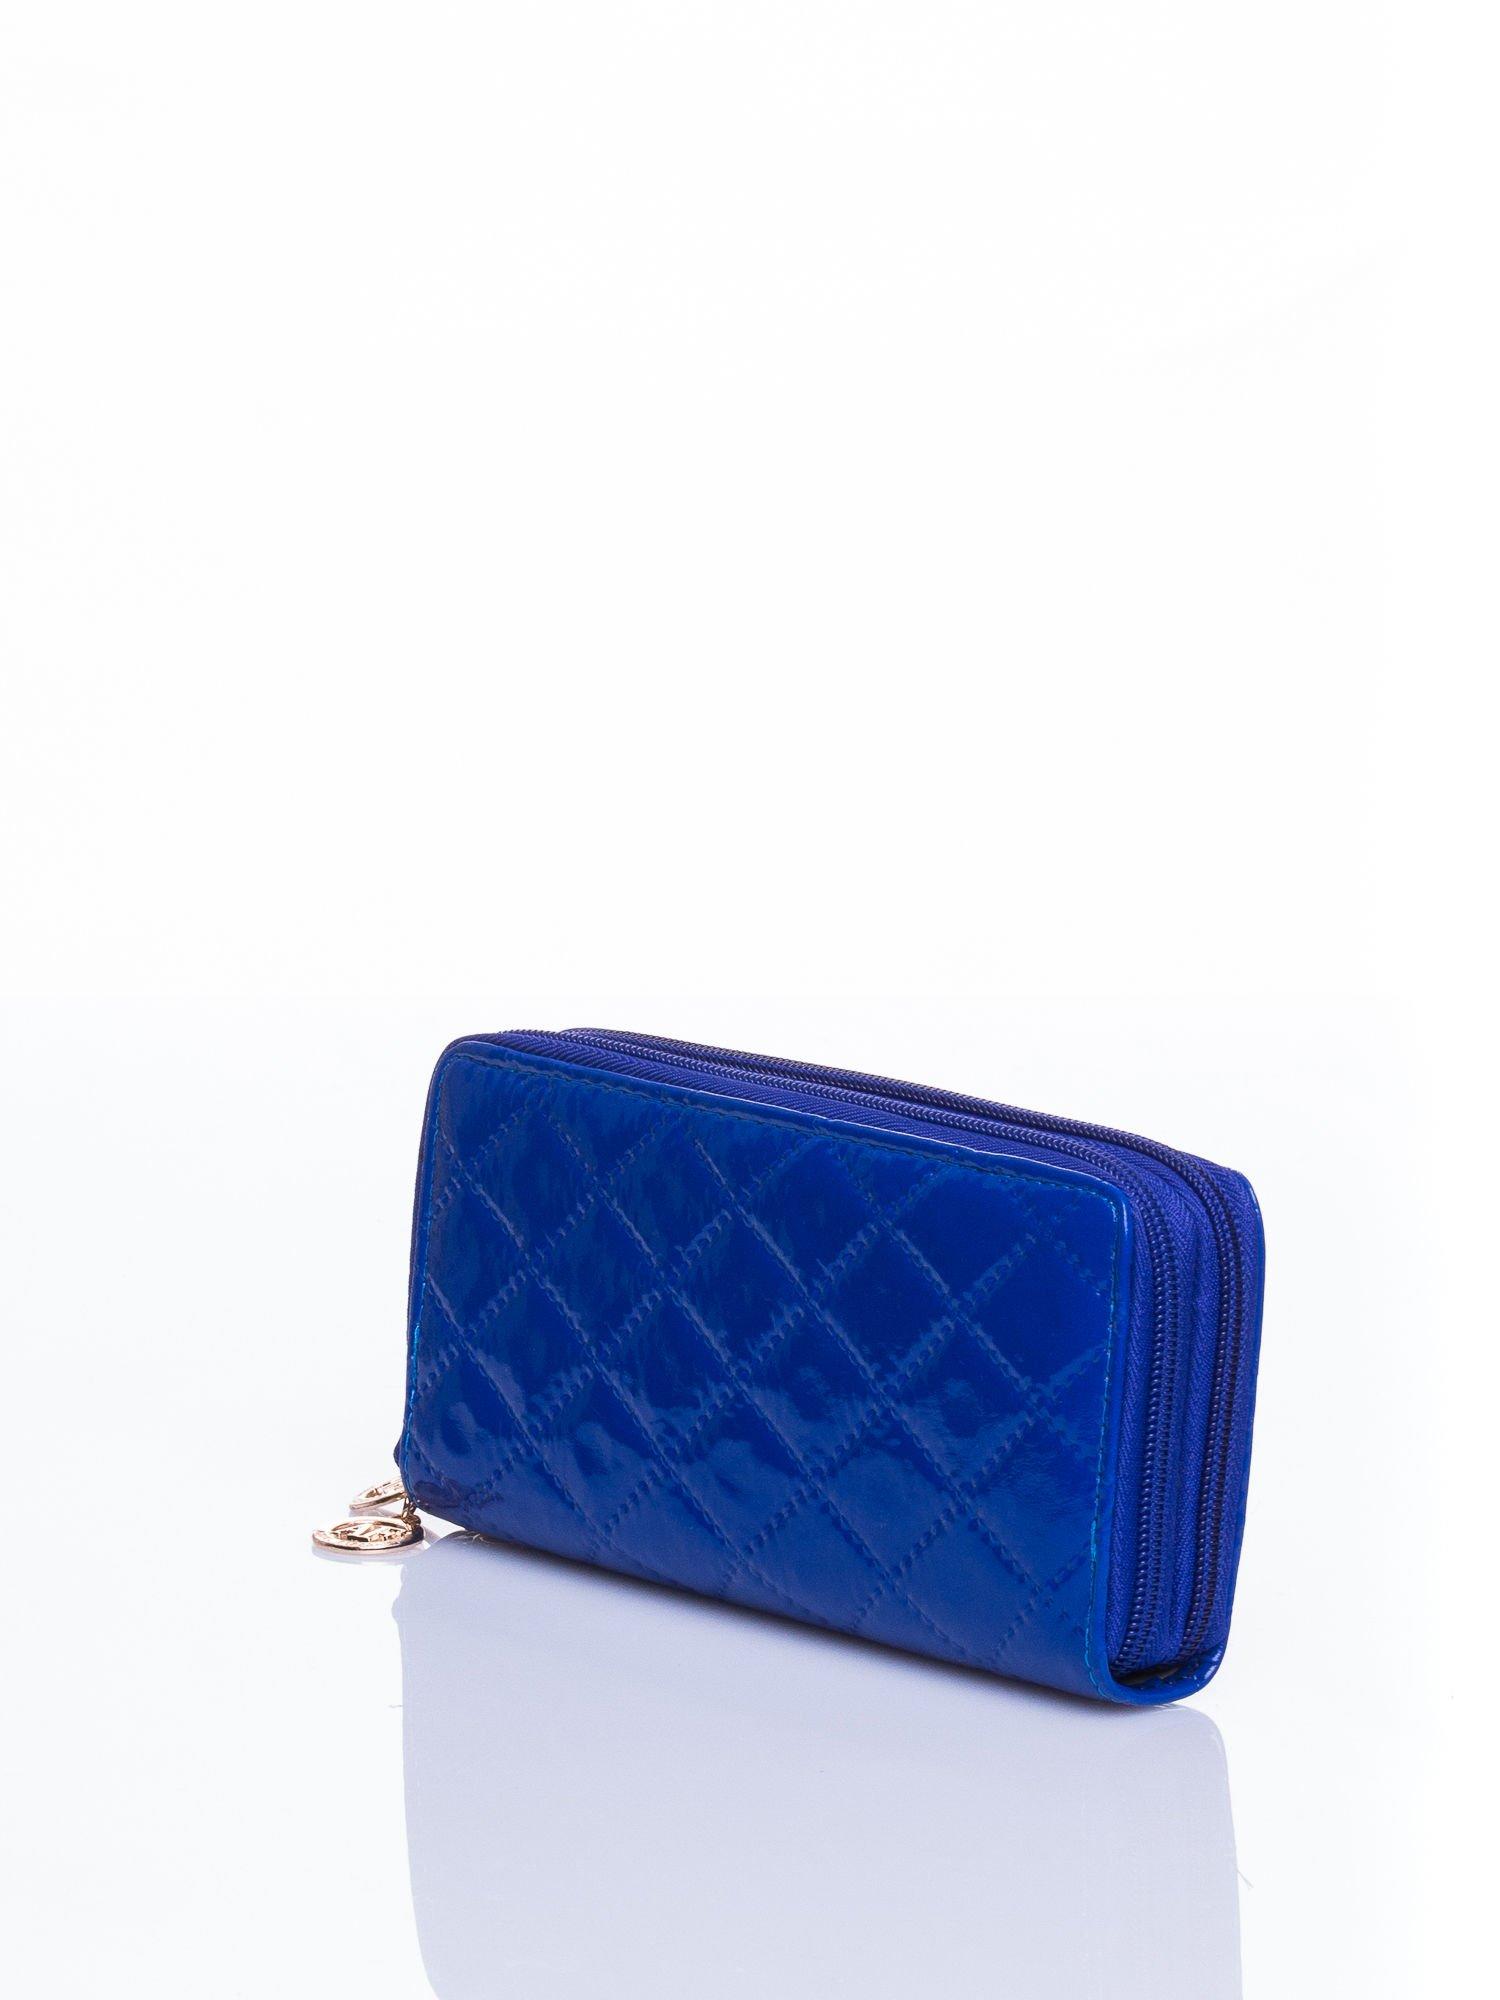 Niebieski lakierowany pikowany portfel                                  zdj.                                  2